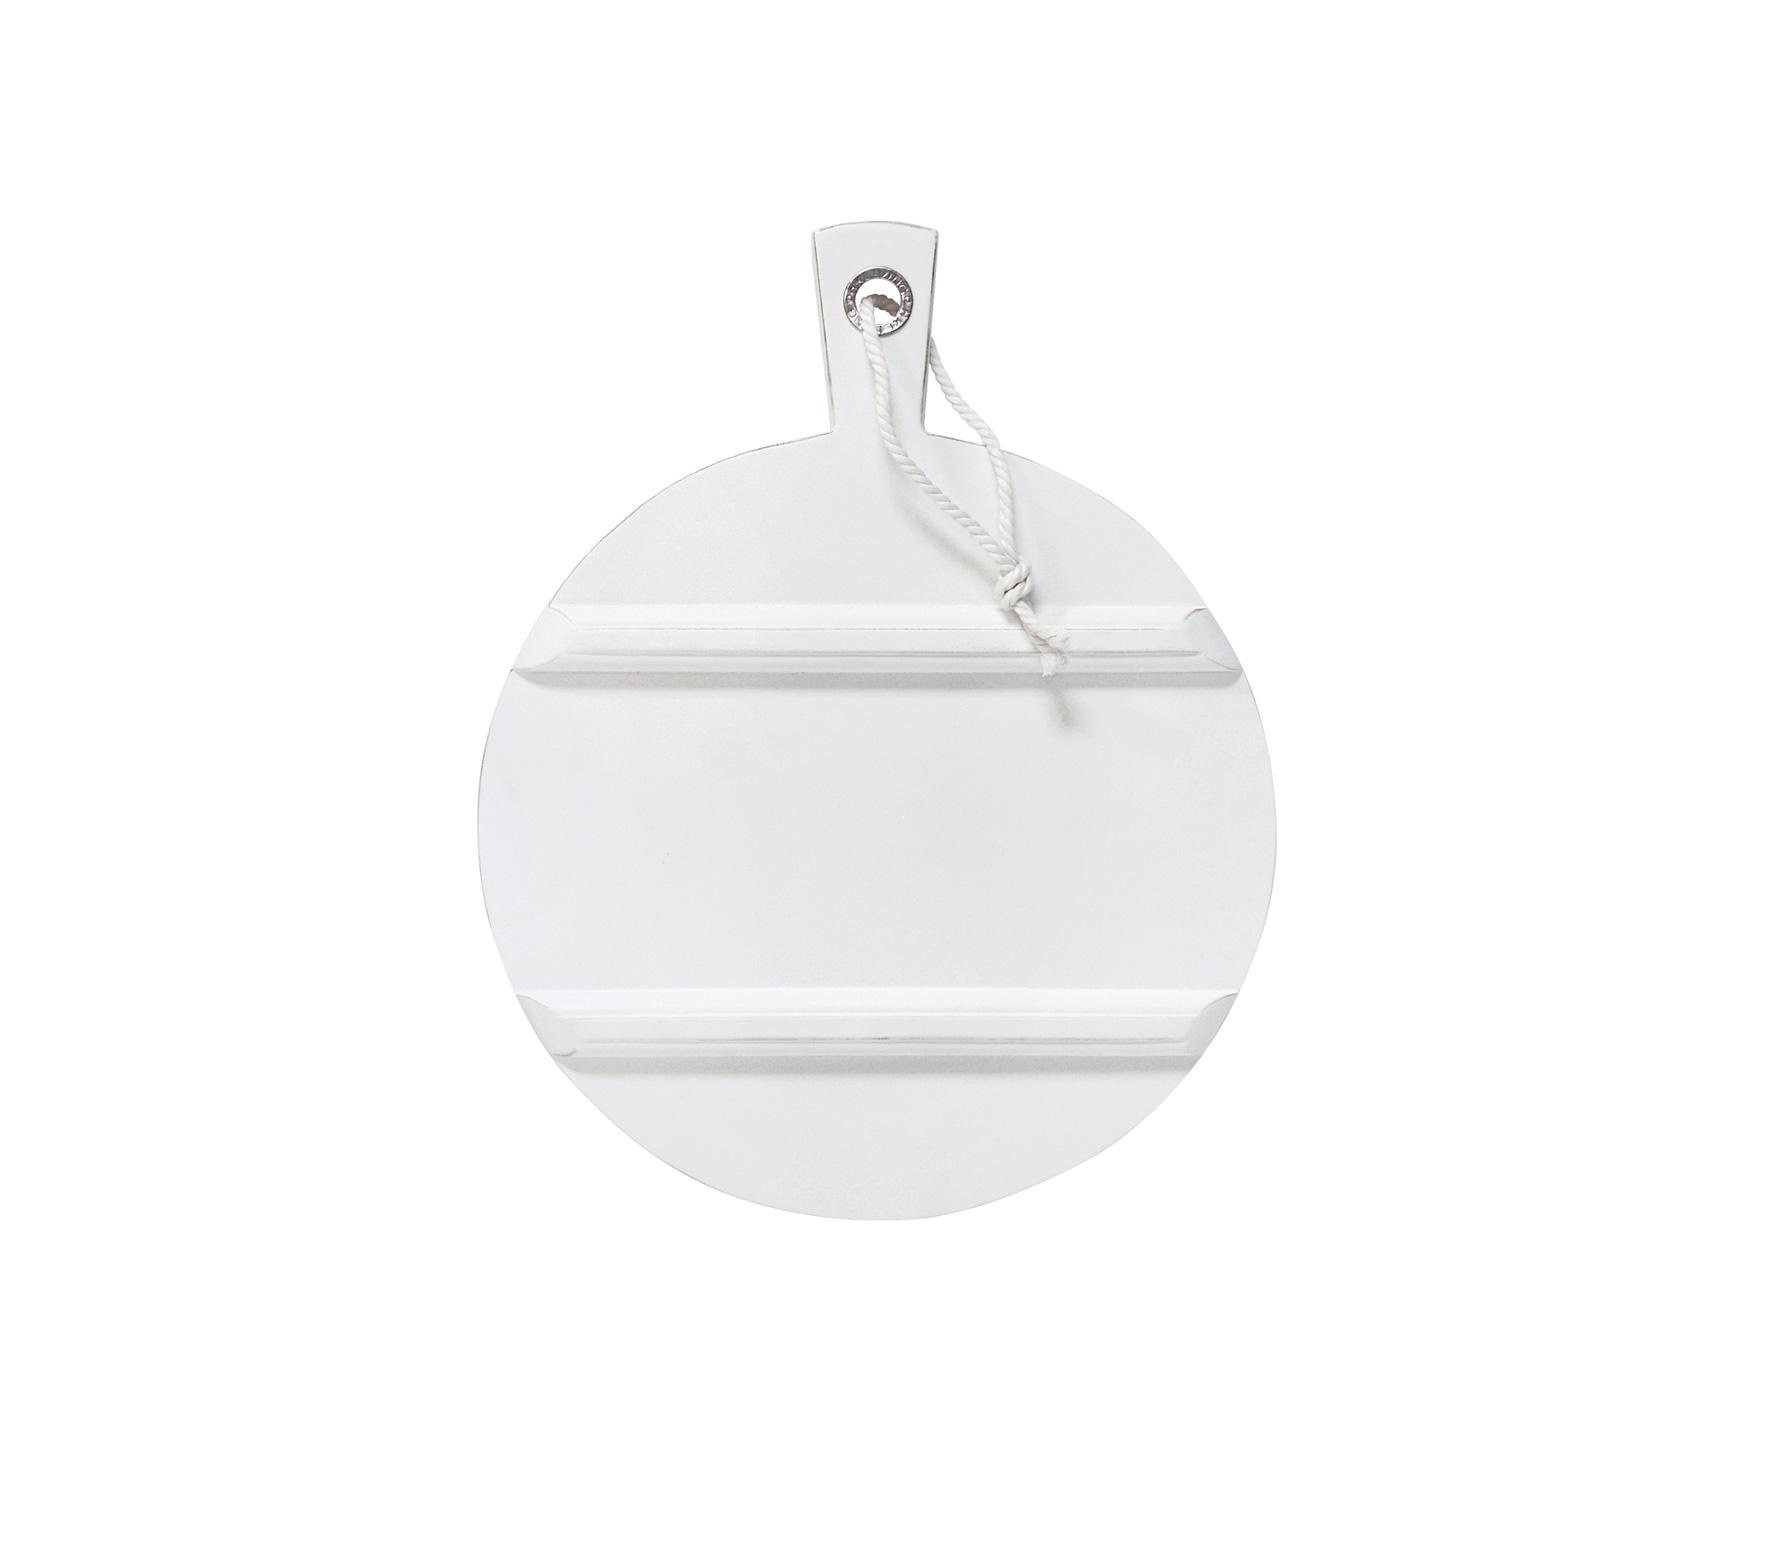 HKLiving broodplank M rond wit hout met zilveren ring Ø 36 cm Wit